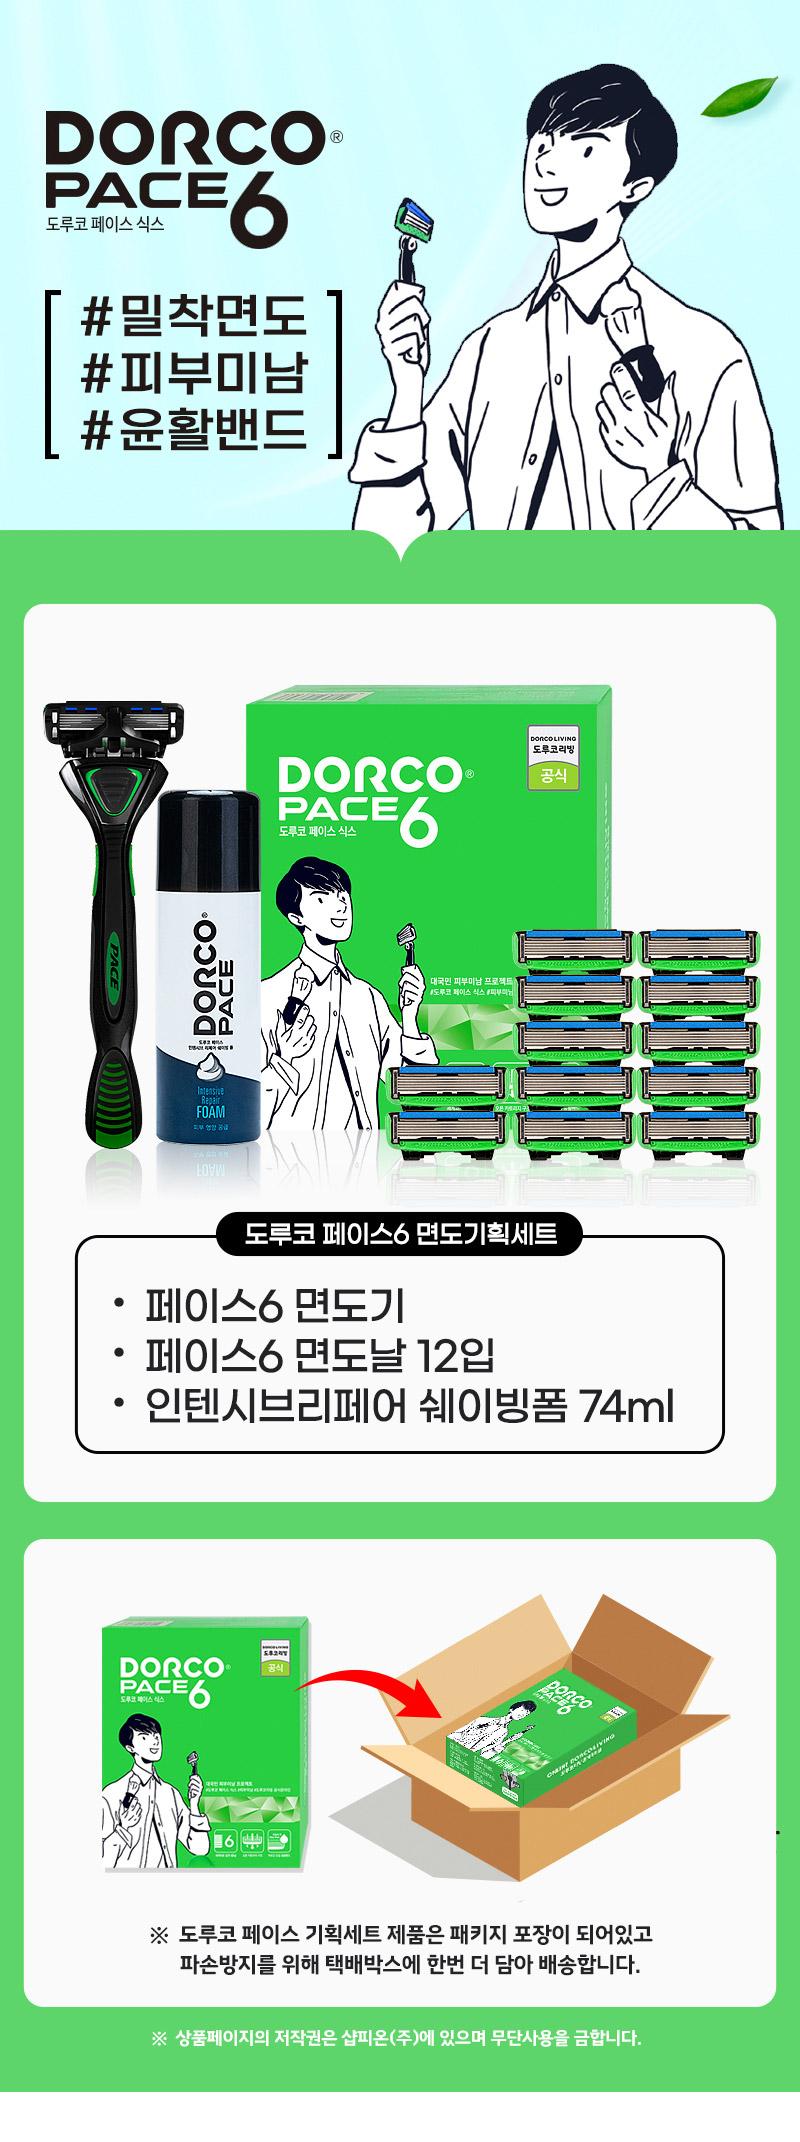 도루코(DORCO) 페이스6 면도기획세트 2호(면도기+면도날 총13입+74ml 쉐이빙폼)